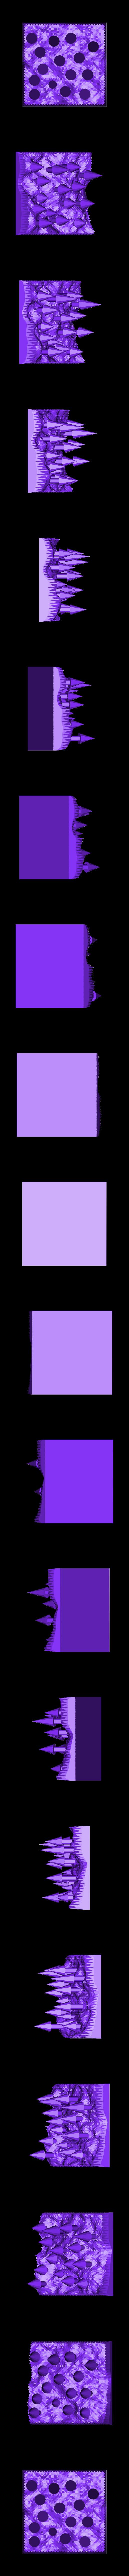 FOREST_Tile.stl Télécharger fichier STL gratuit Projet : Faites votre propre pays avec Tinkercad • Modèle à imprimer en 3D, Urulysman